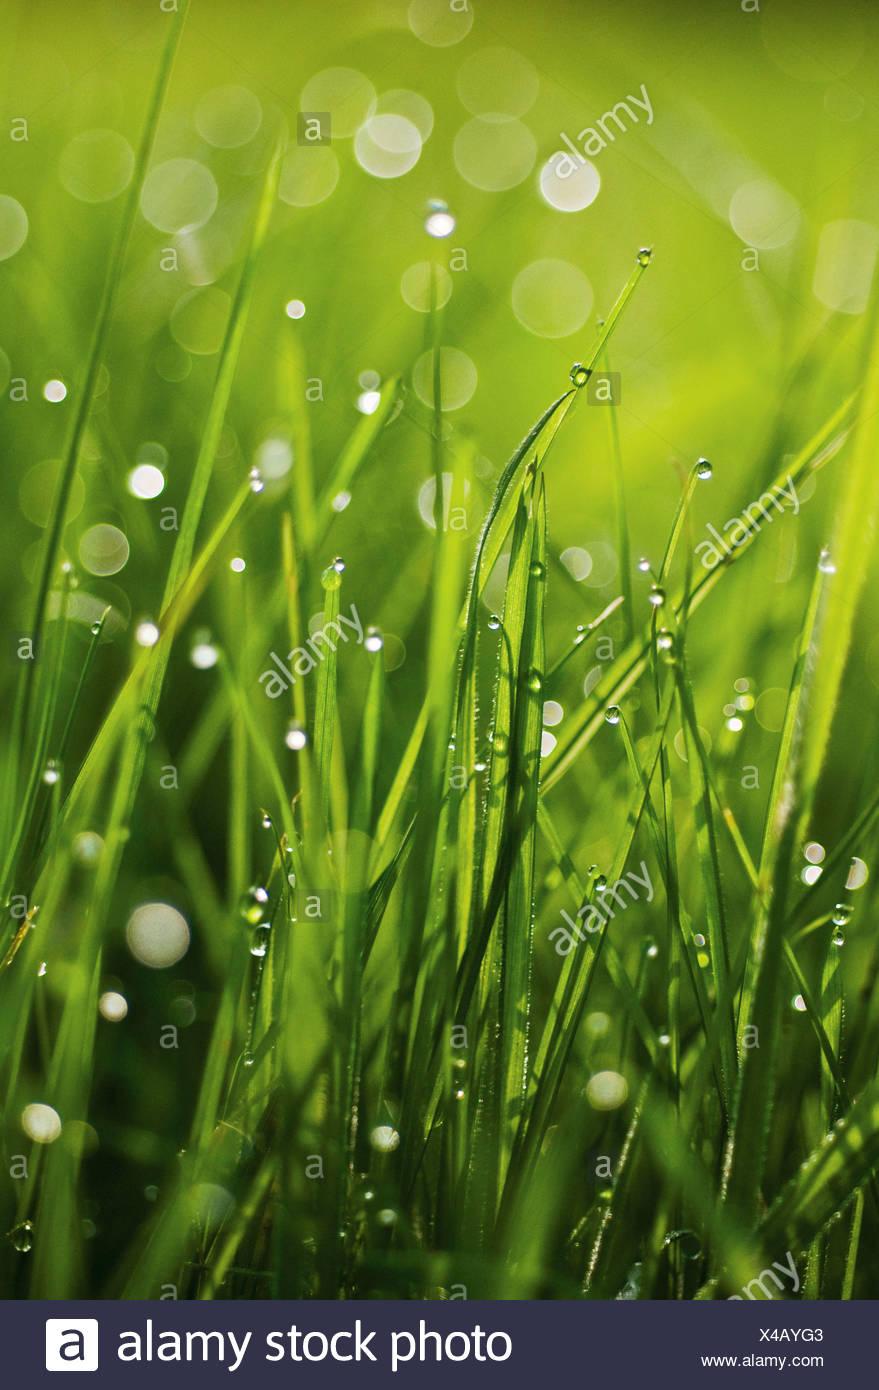 Grass hautnah ebenerdig mit Wassertropfen auf den grünen Blättern. Stockbild